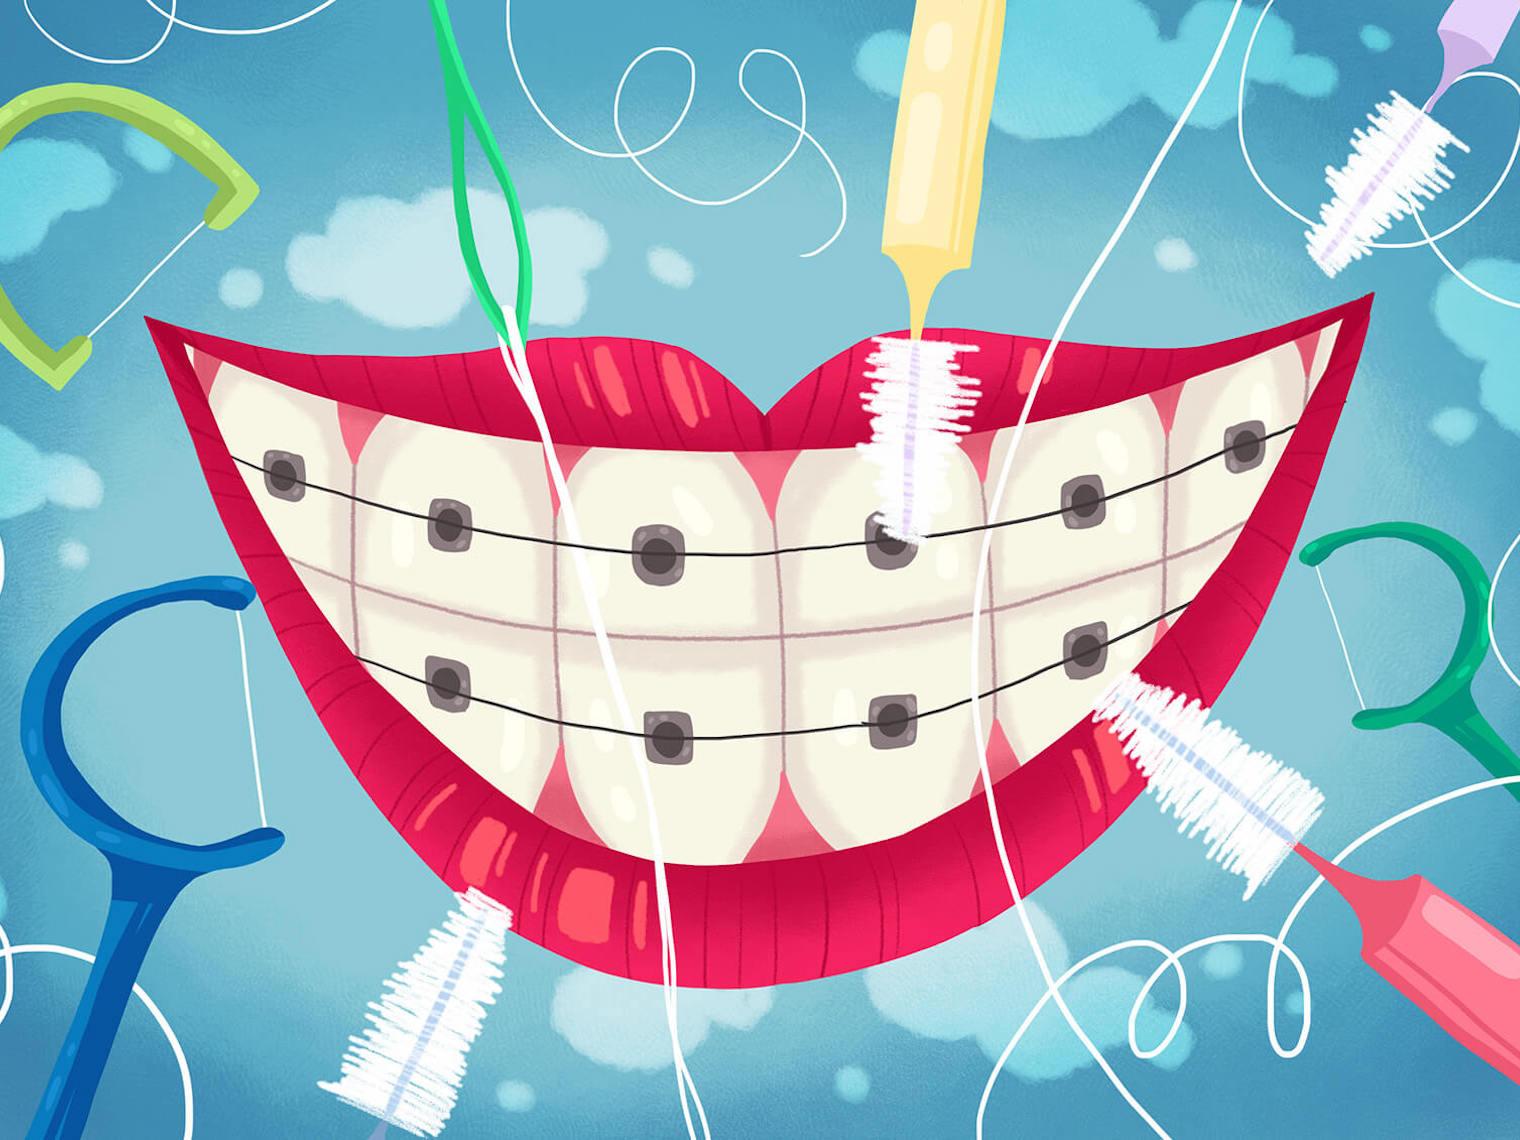 牙線用來清除牙刷接觸不到的牙縫間牙垢。使用牙刷潔牙時,很難深入牙縫及牙周囊袋,所以該部位殘留和堆積牙垢、牙菌斑,若時間久了不理它,會誘發齲齒、牙周病等口腔疾病。